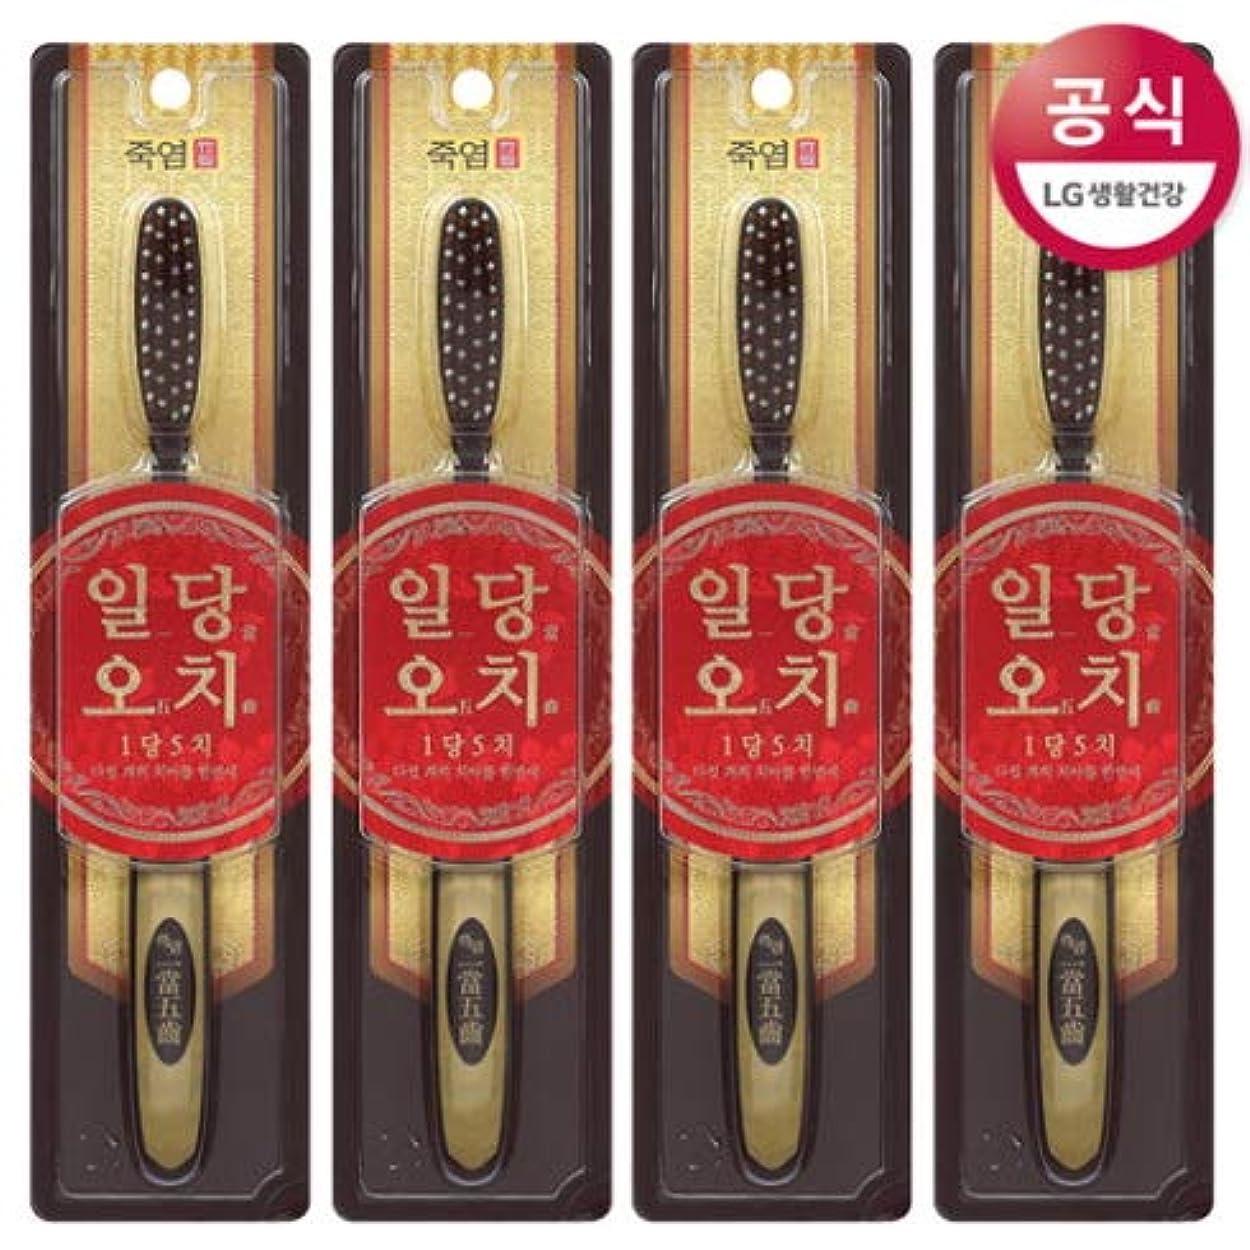 繁栄するオーバードロー車両[LG HnB] Bamboo Salt Oodi toothbrush/竹塩日当越智歯ブラシ 5つの(海外直送品)